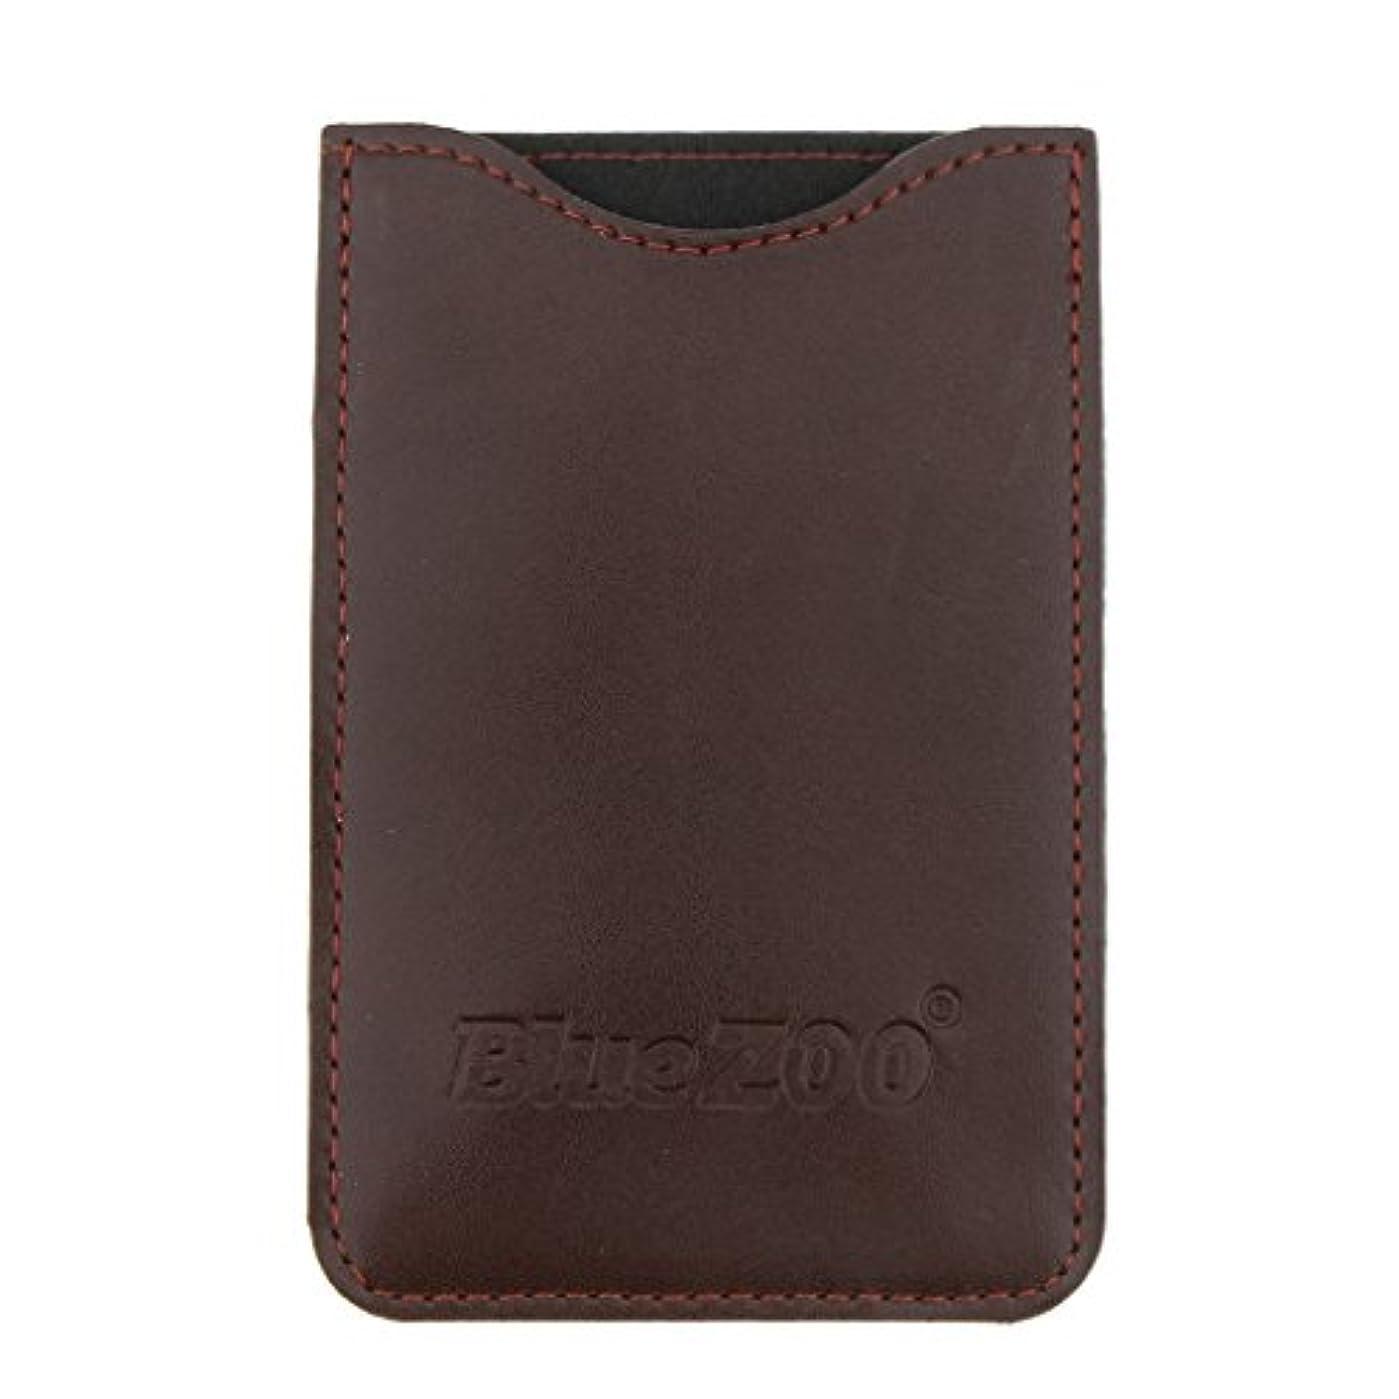 コンテンツ補充偏差木製のポケットヒゲの櫛の保護収納ポーチ、小さな櫛PUレザーケース - 褐色